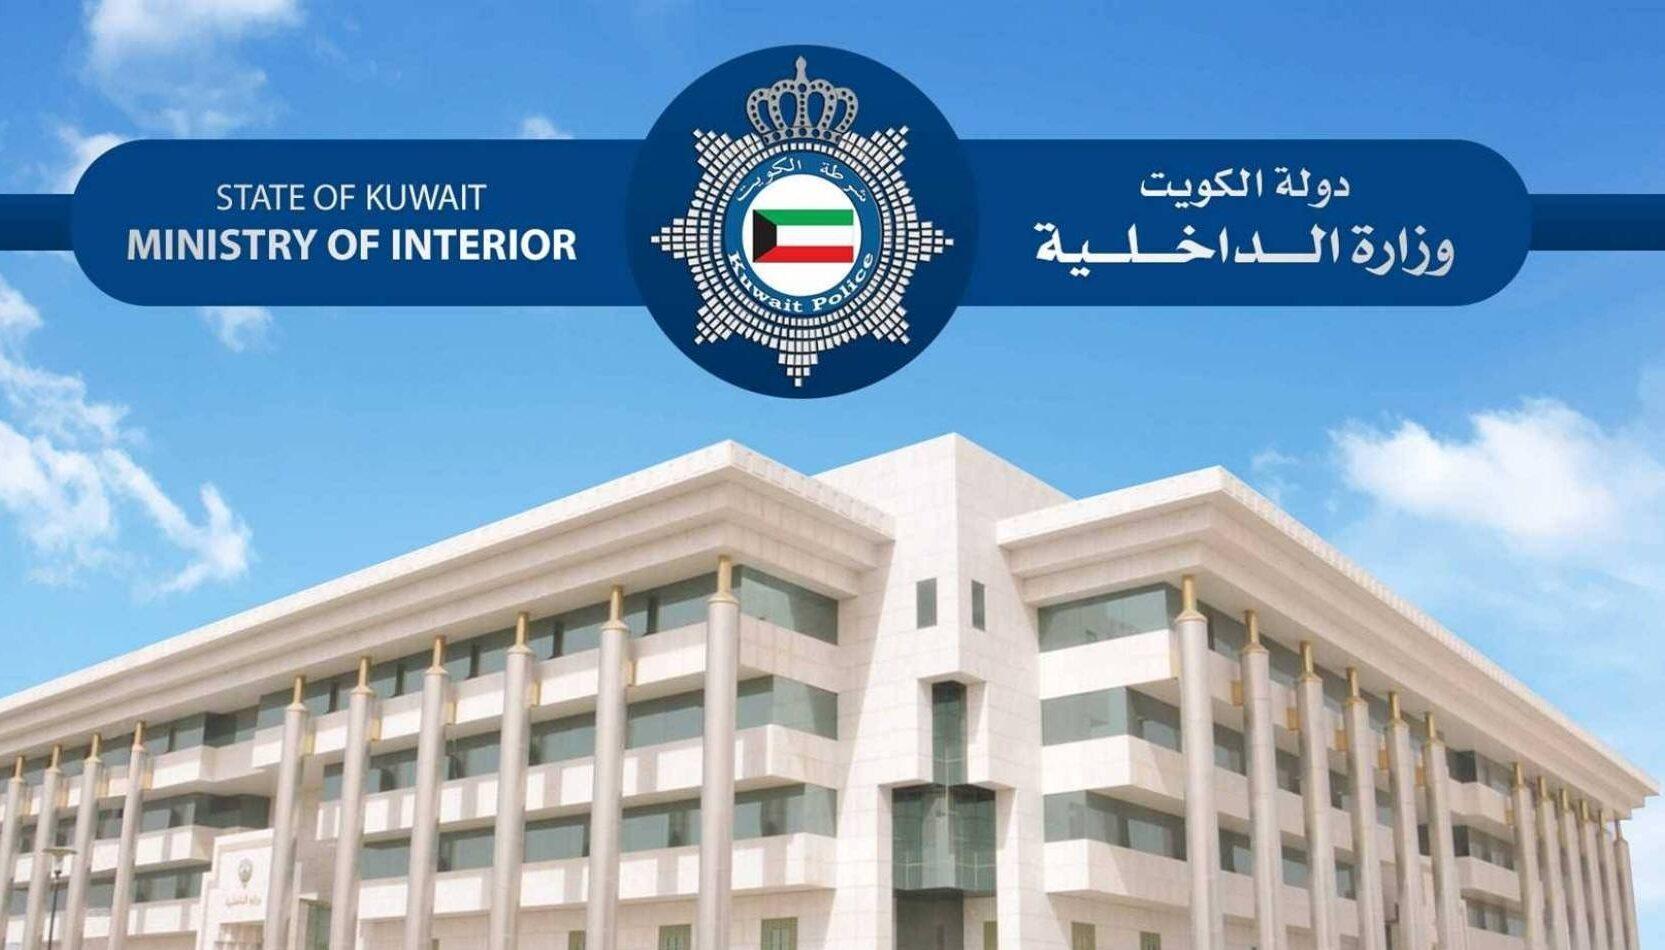 اخذ تصريح خروج وقت الحظر الكويت